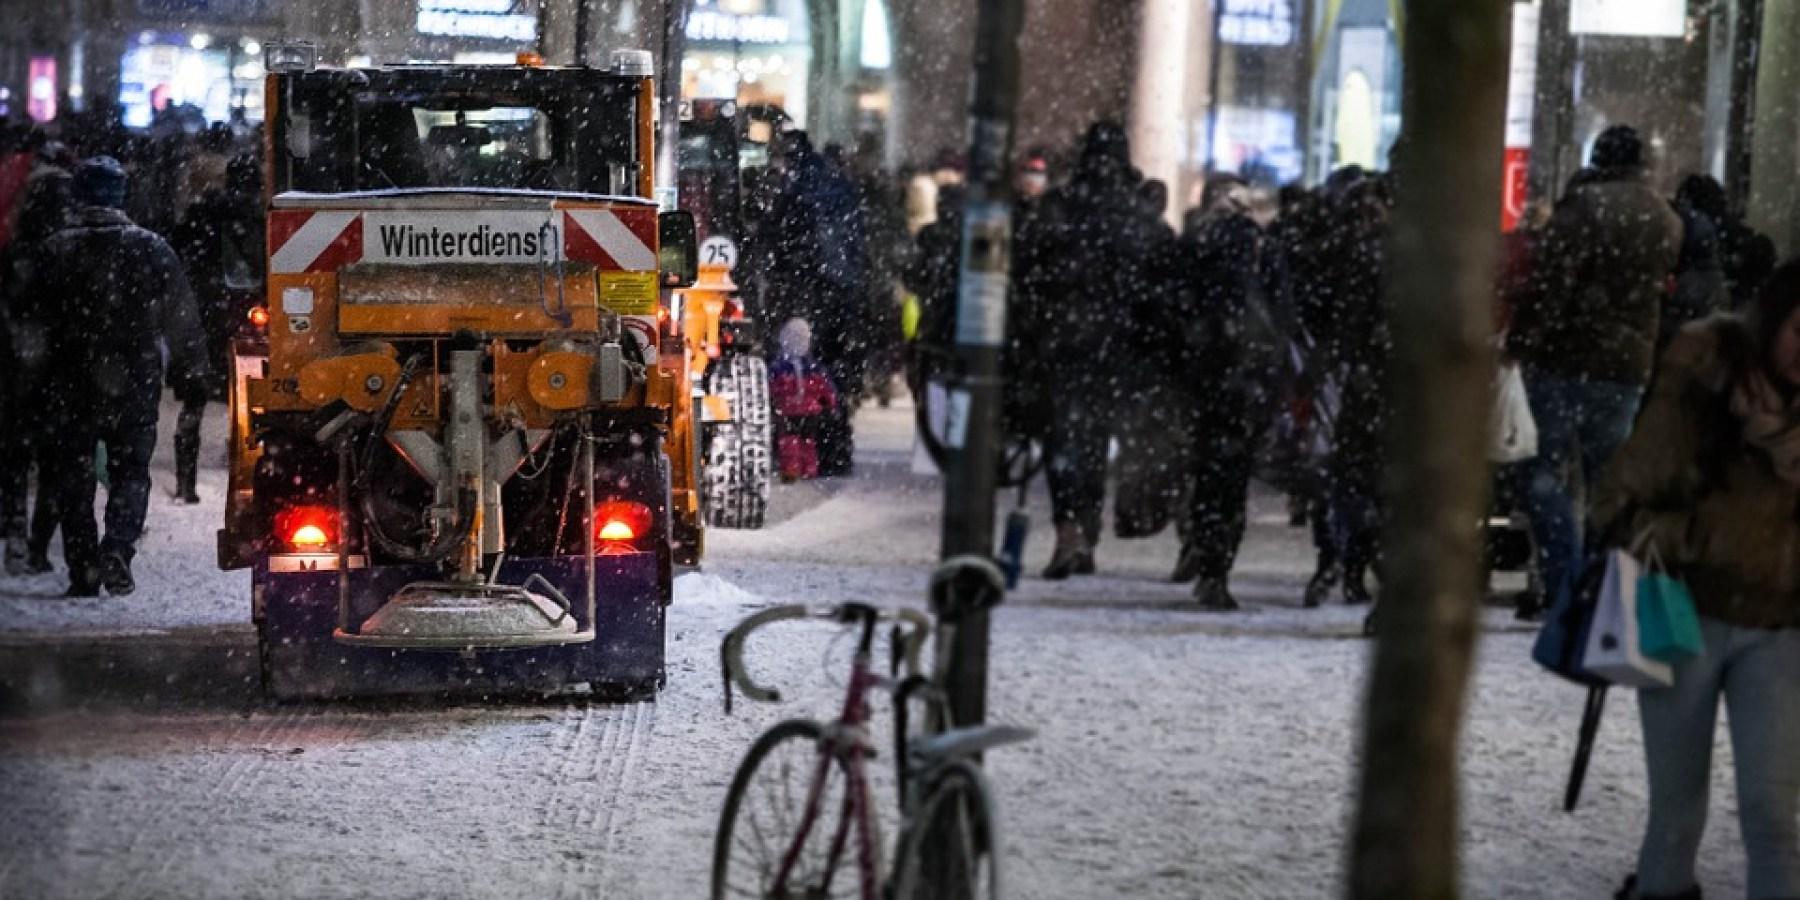 AWM-Winterdienst ist startklar